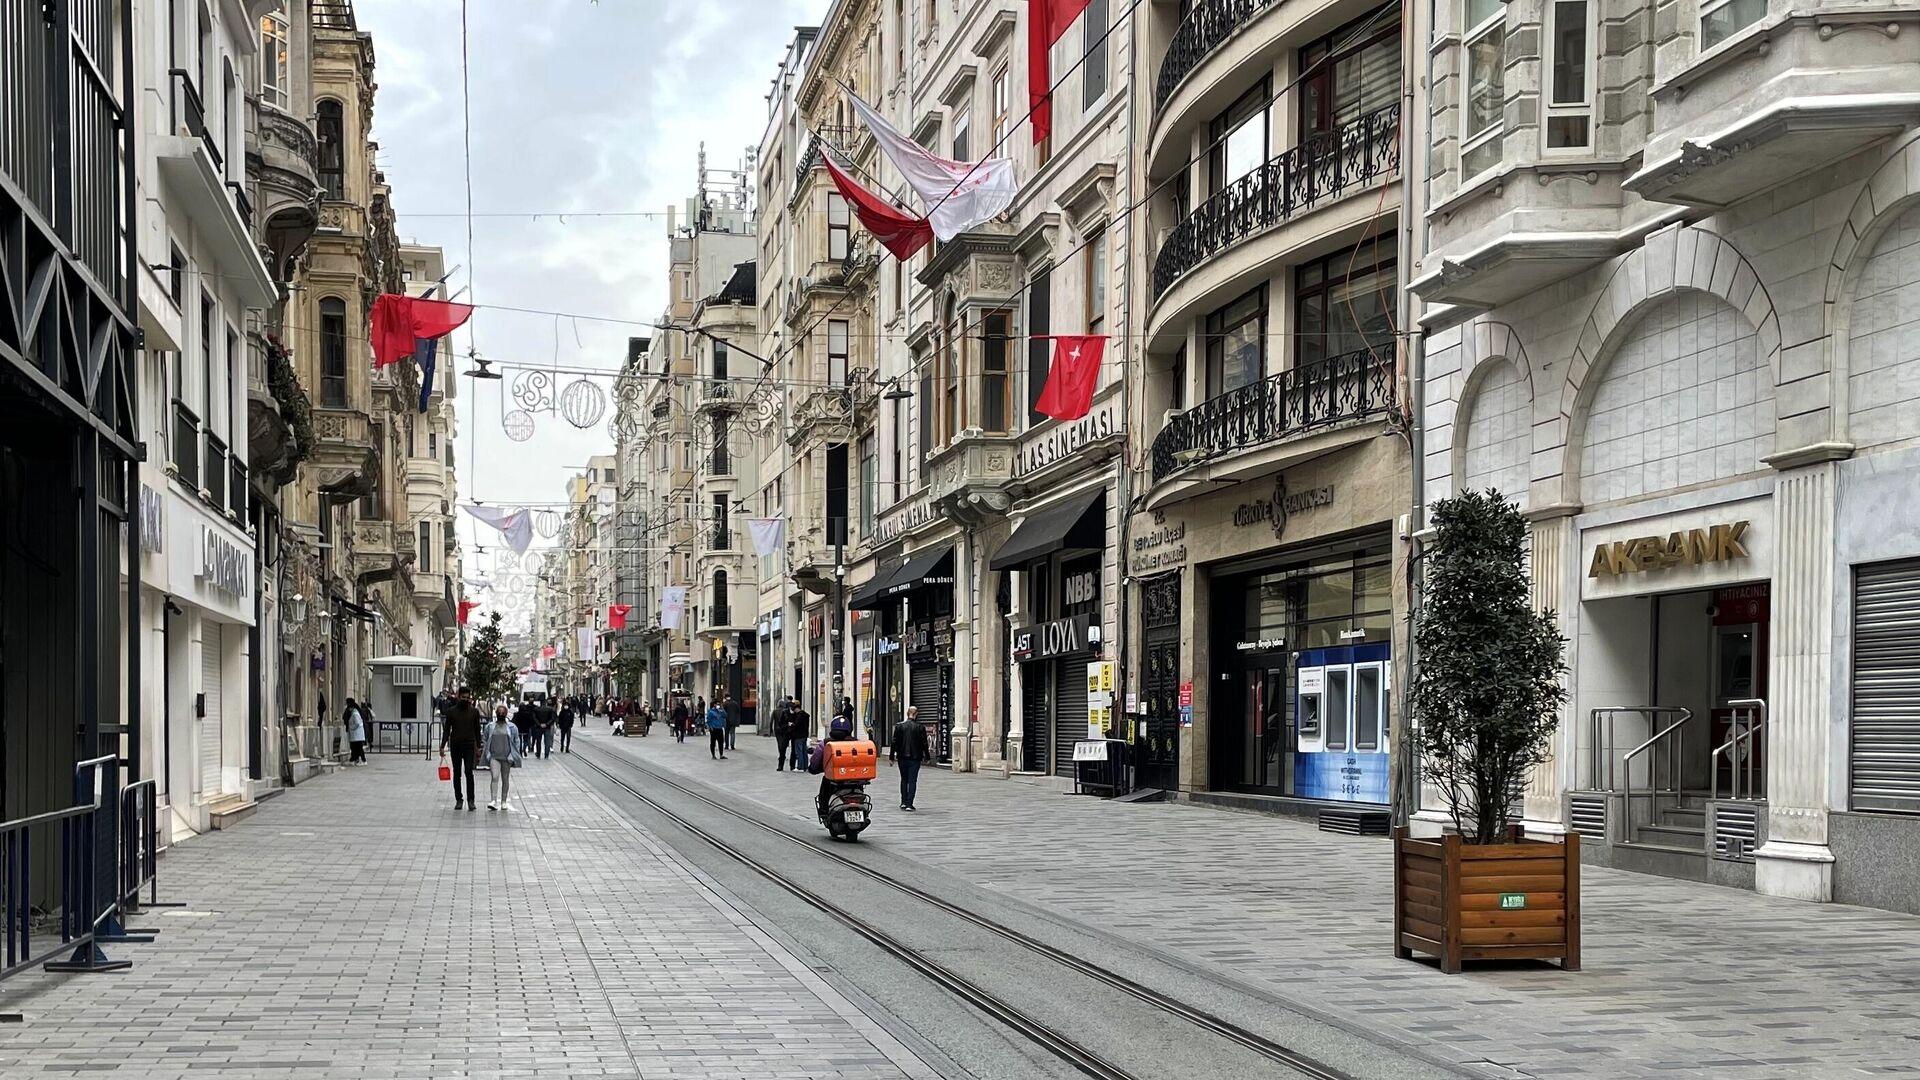 Люди на одной из улиц в Стамбуле - РИА Новости, 1920, 04.05.2021